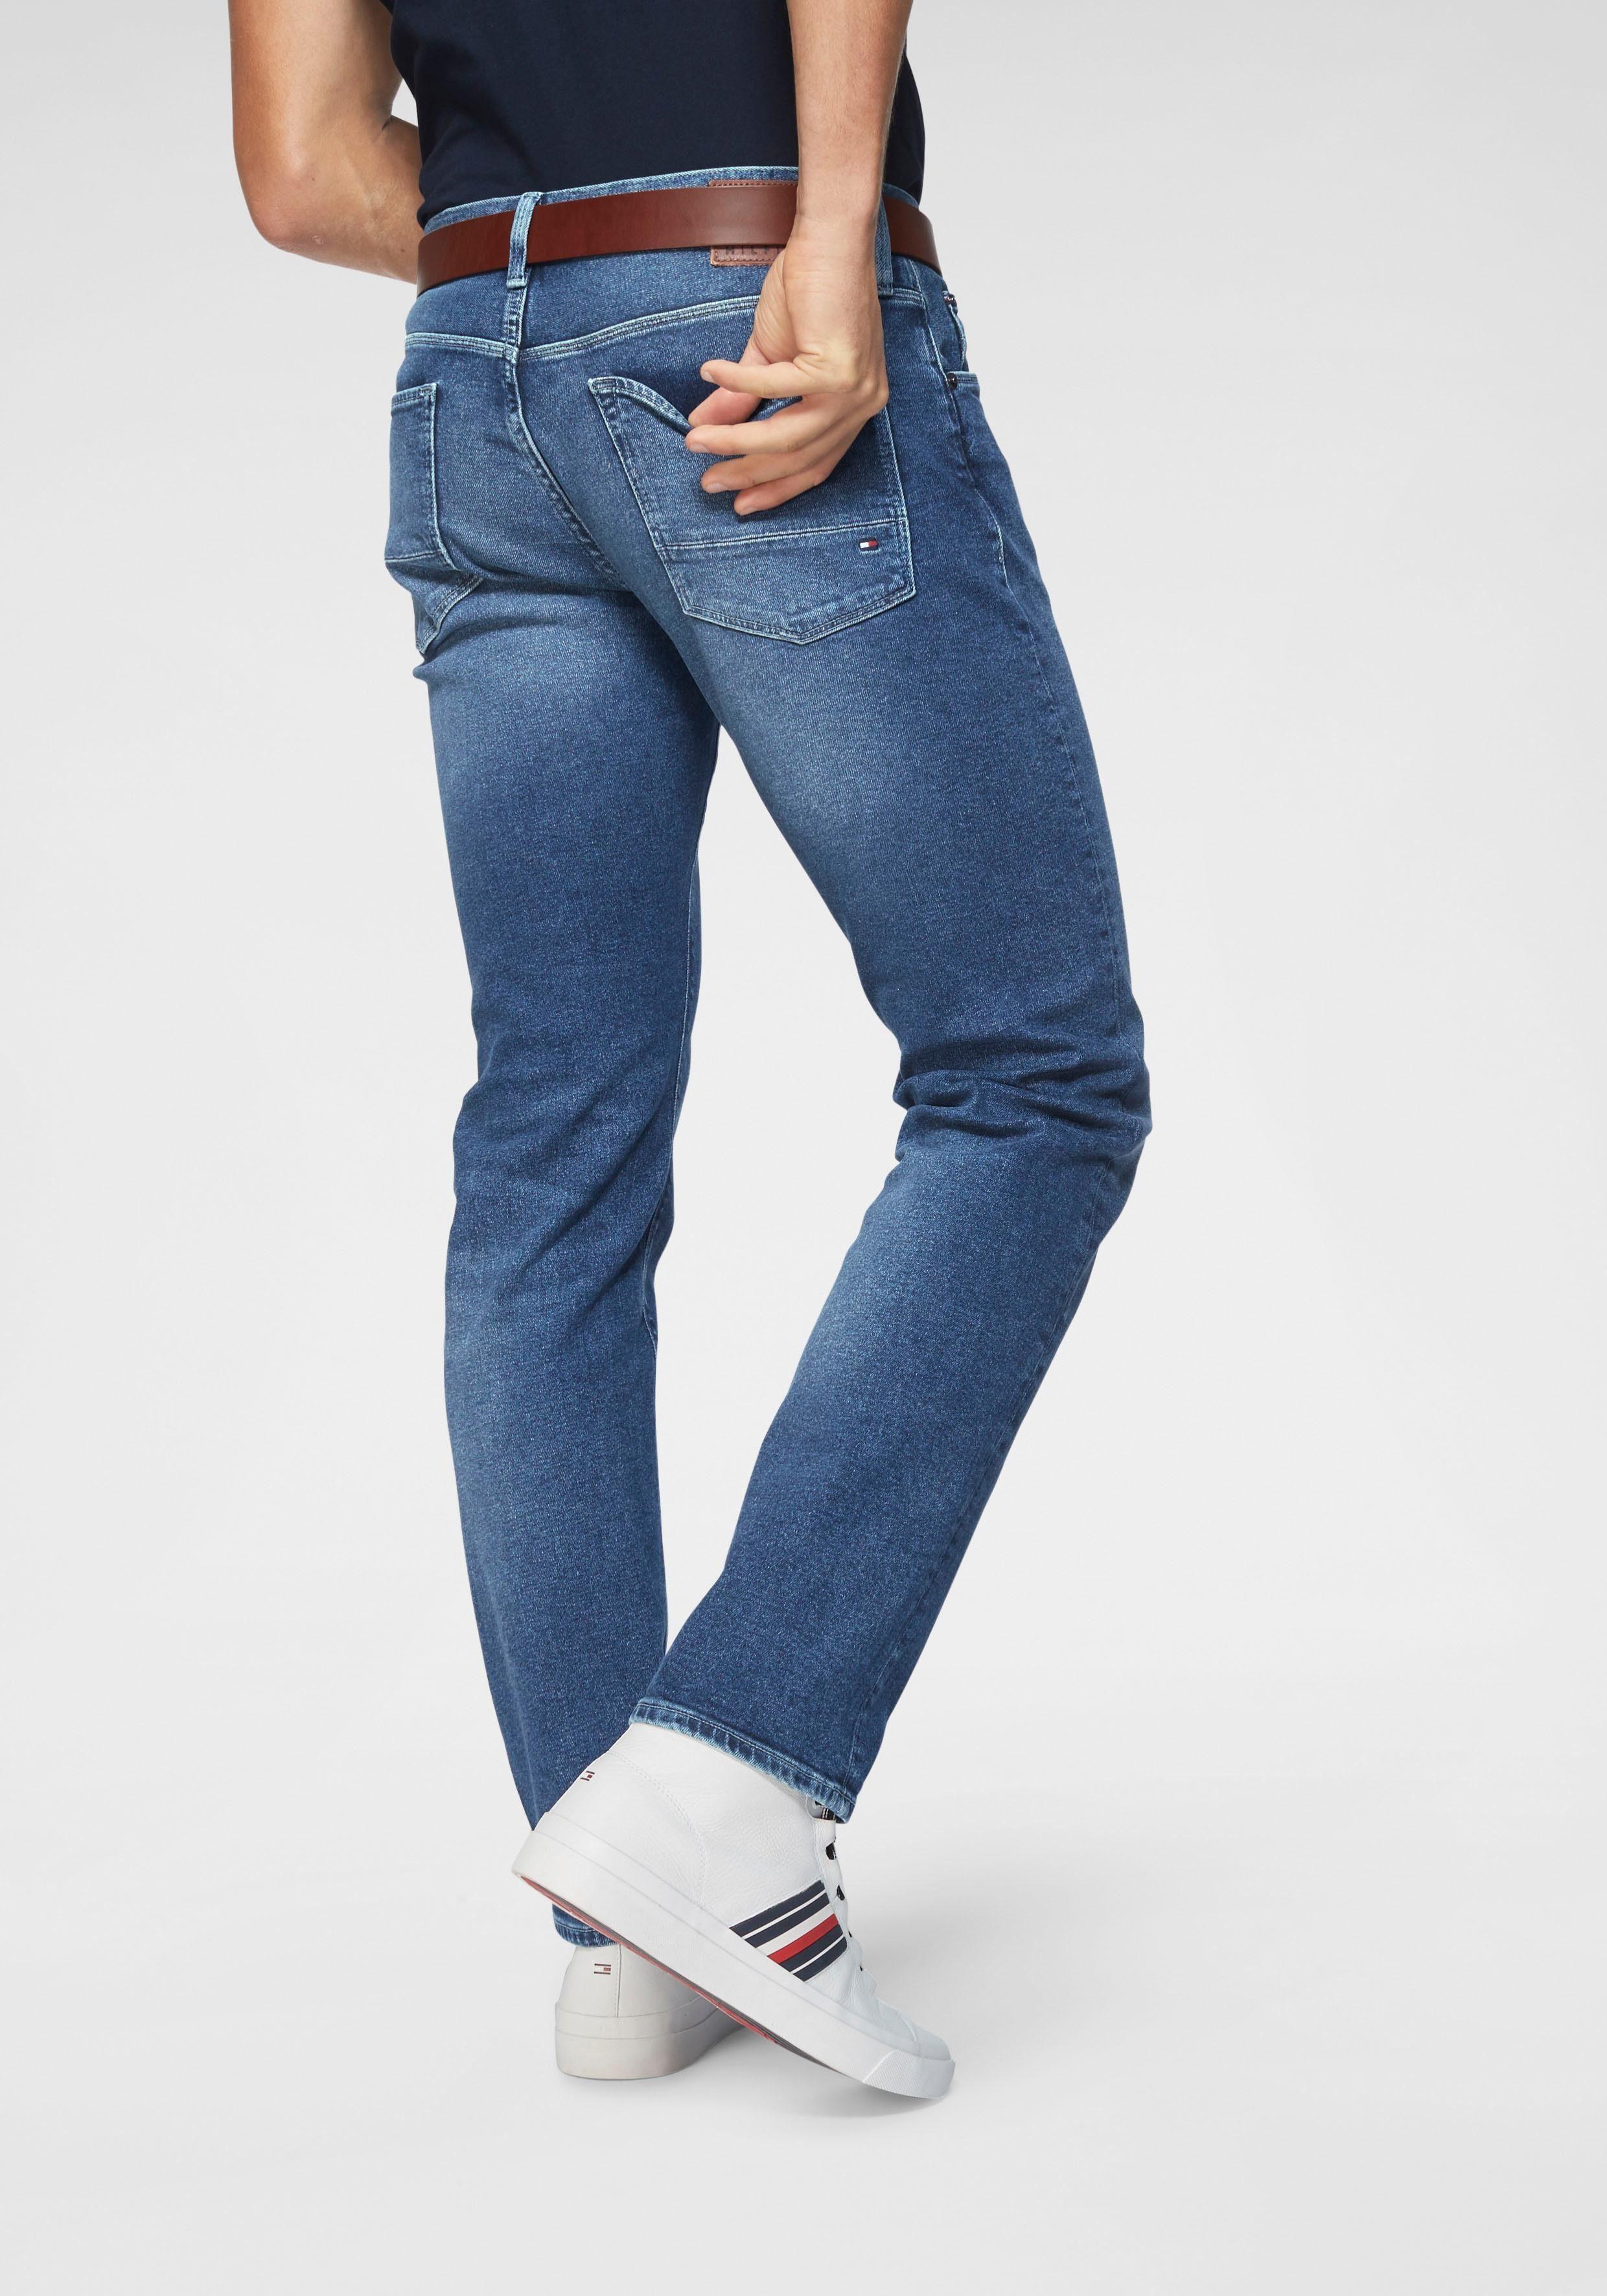 TOMMY HILFIGER Straight Jeans »Denton«, Mit dezenter Waschung online kaufen   OTTO